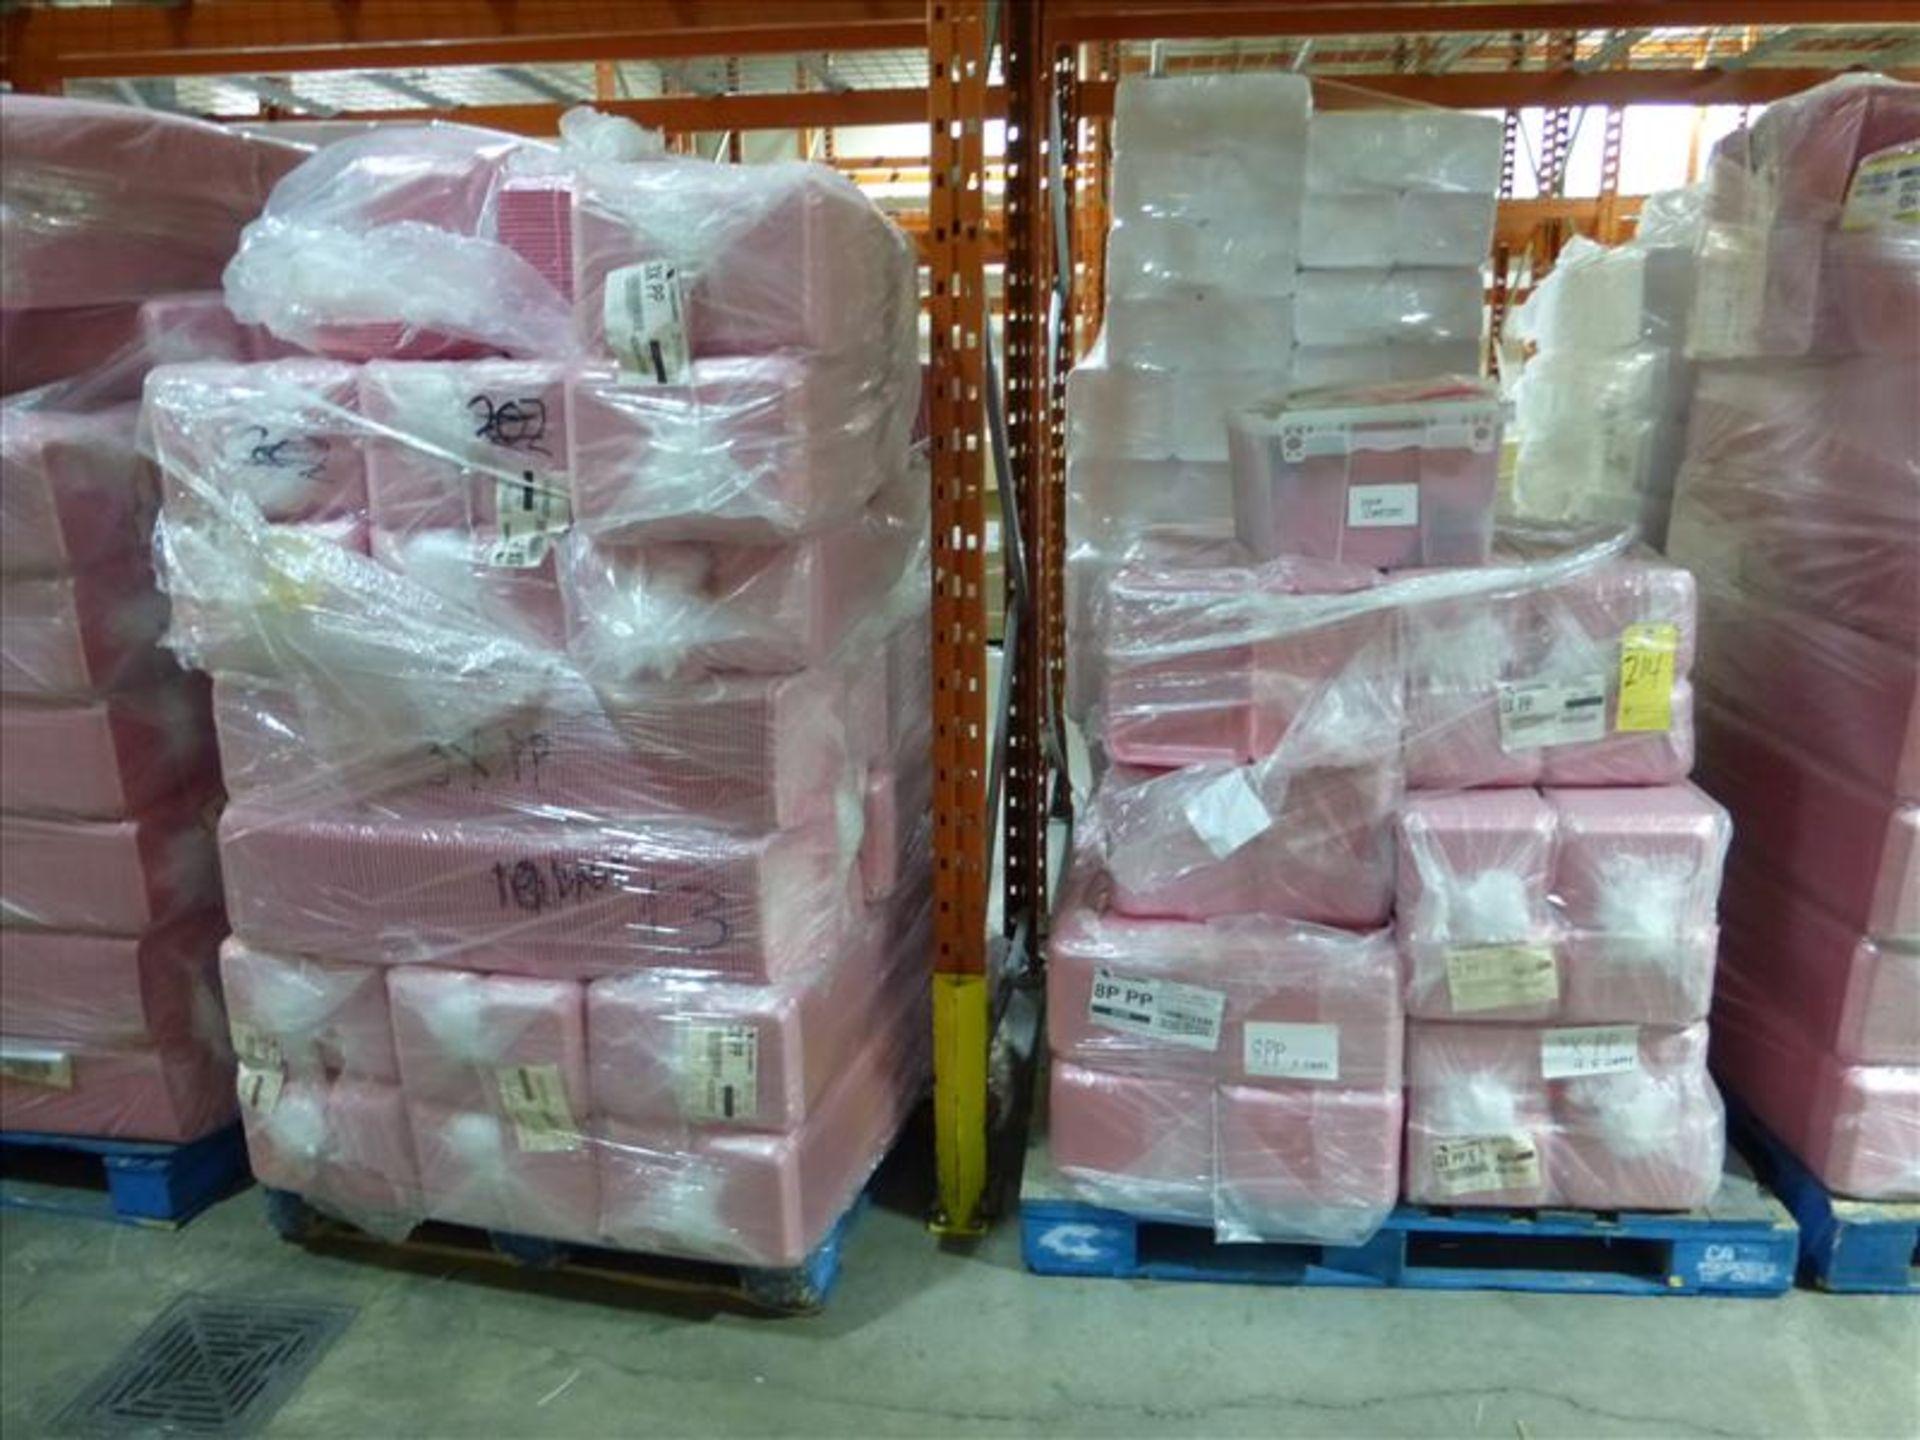 Lot 214 - (16 bundles, 6400) 3 x PP overwrap foam trays, Cascade, pink